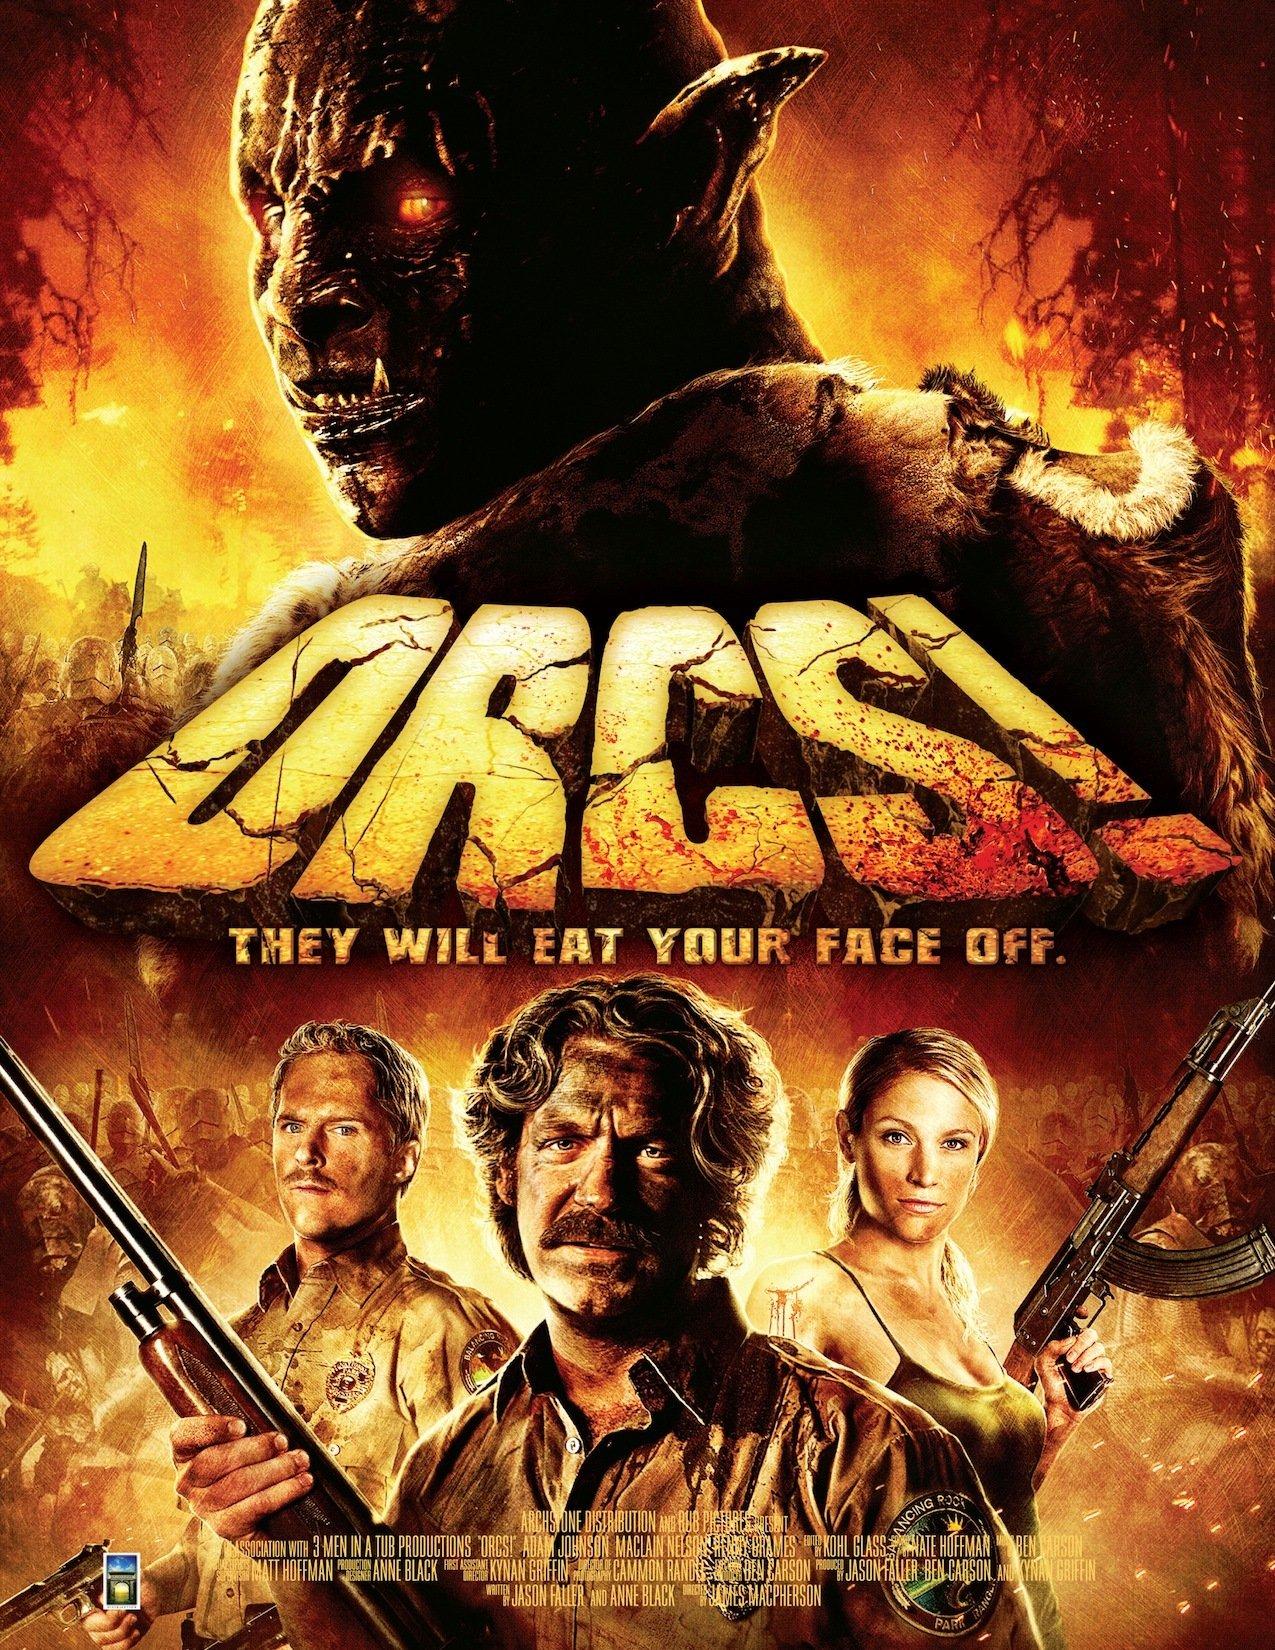 دانلود زیرنویس فارسی فیلم Orcs!